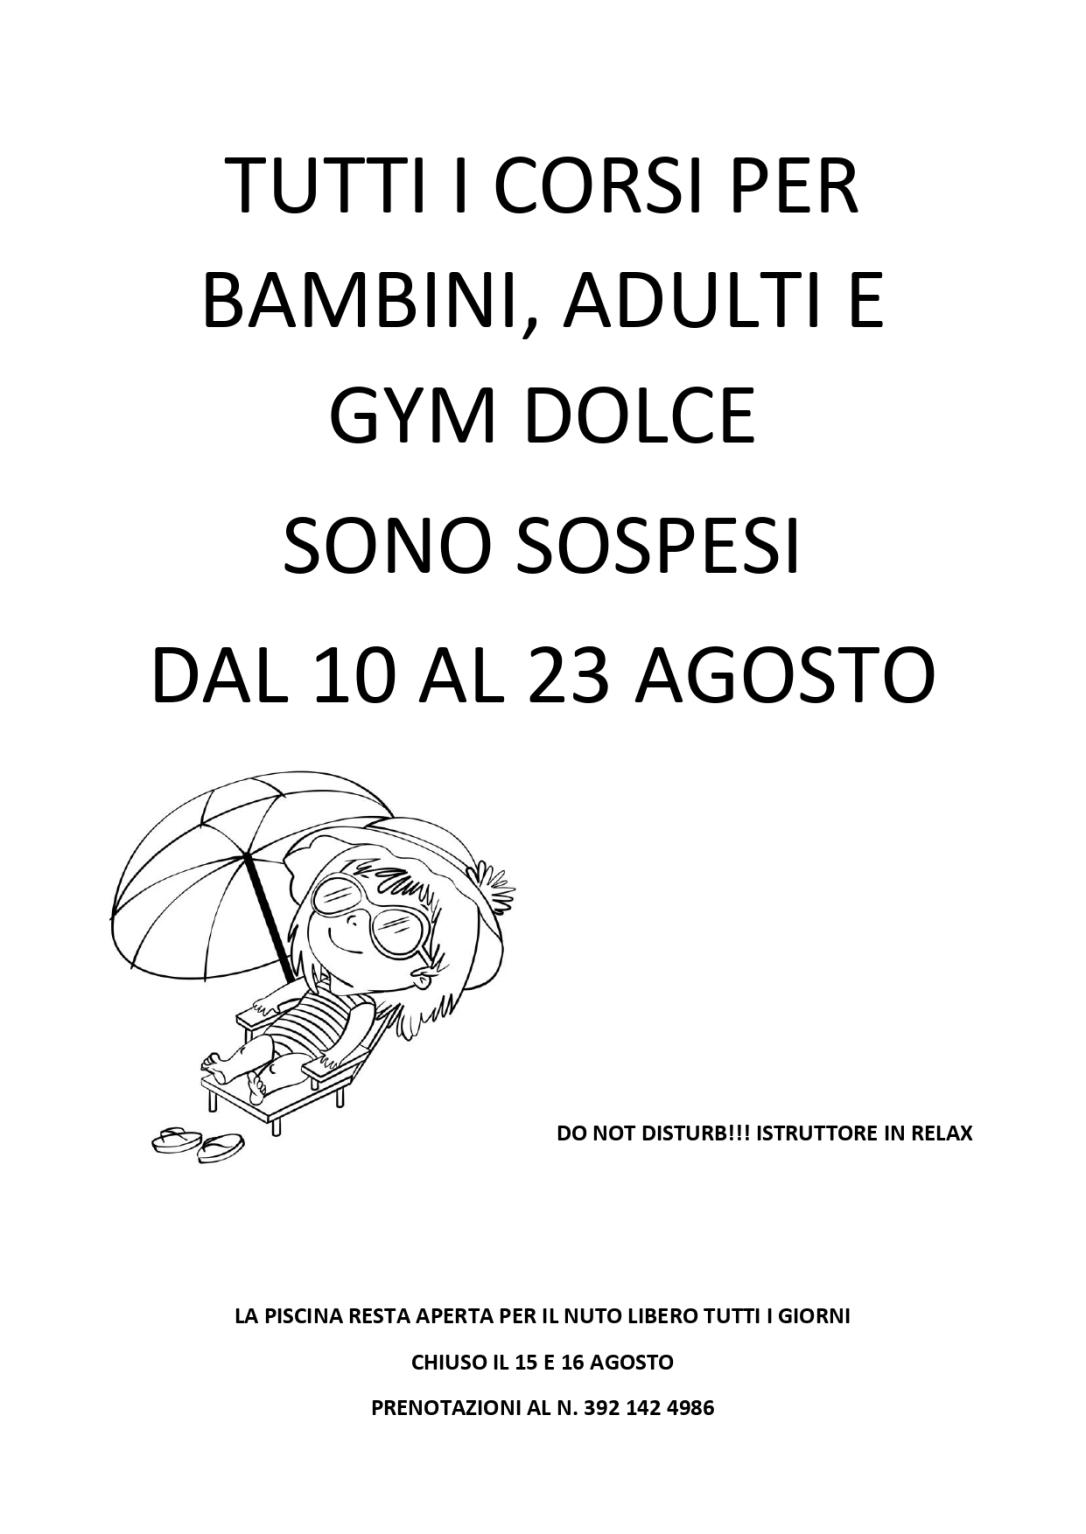 SOSPENSIONE CORSI_page-0001